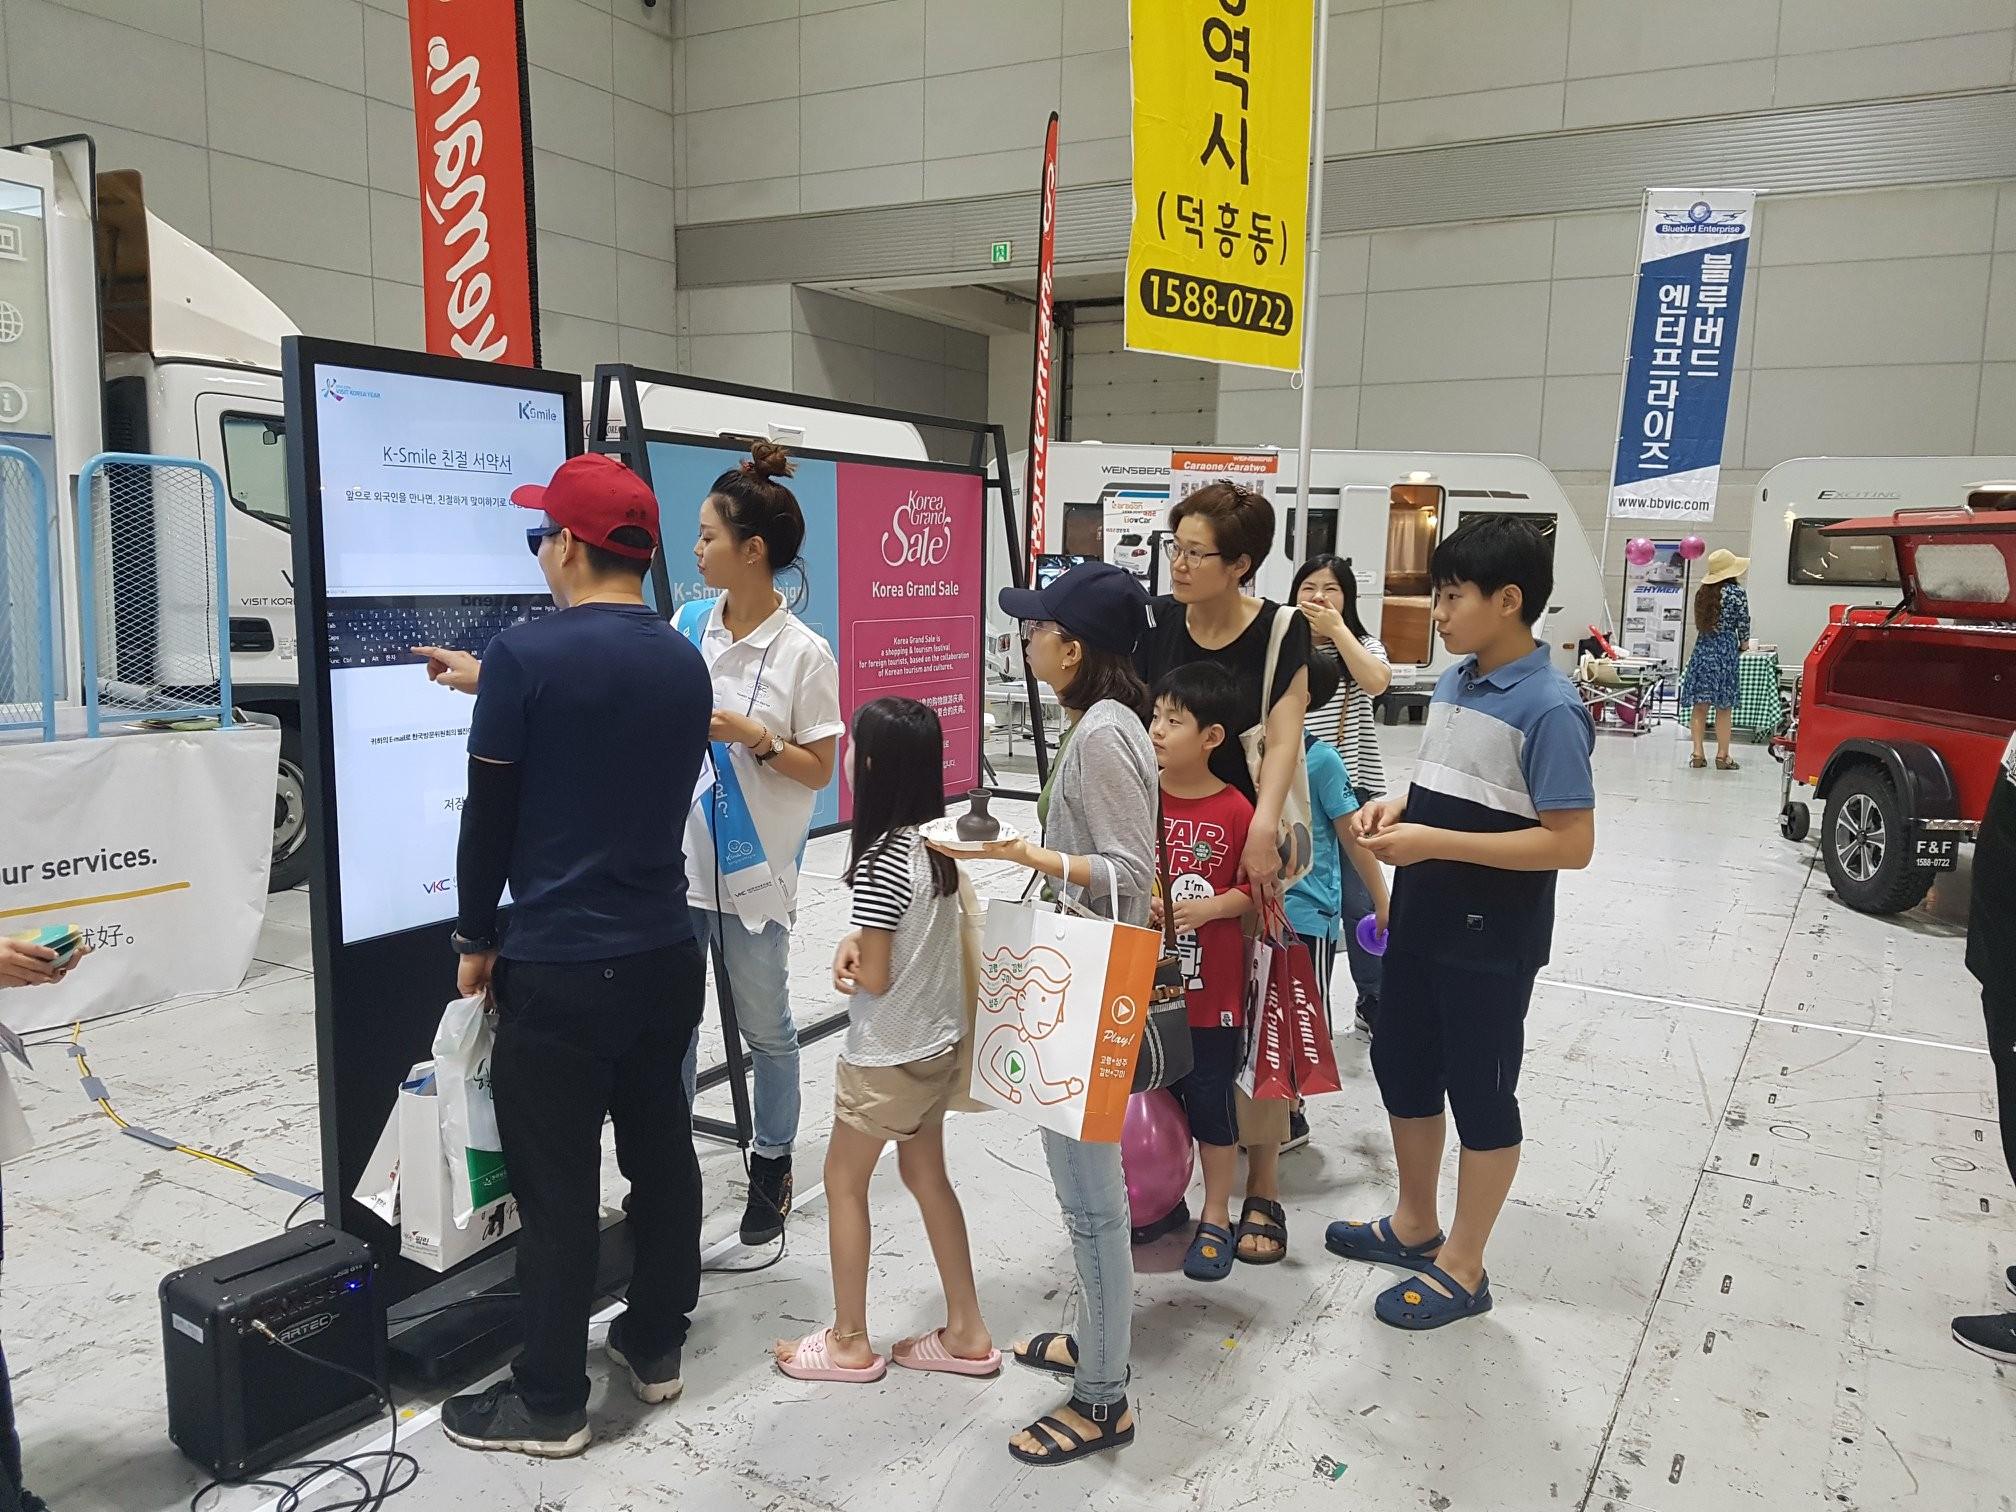 韓國訪問委員會TSC  #IN湖南國際觀光博覽會